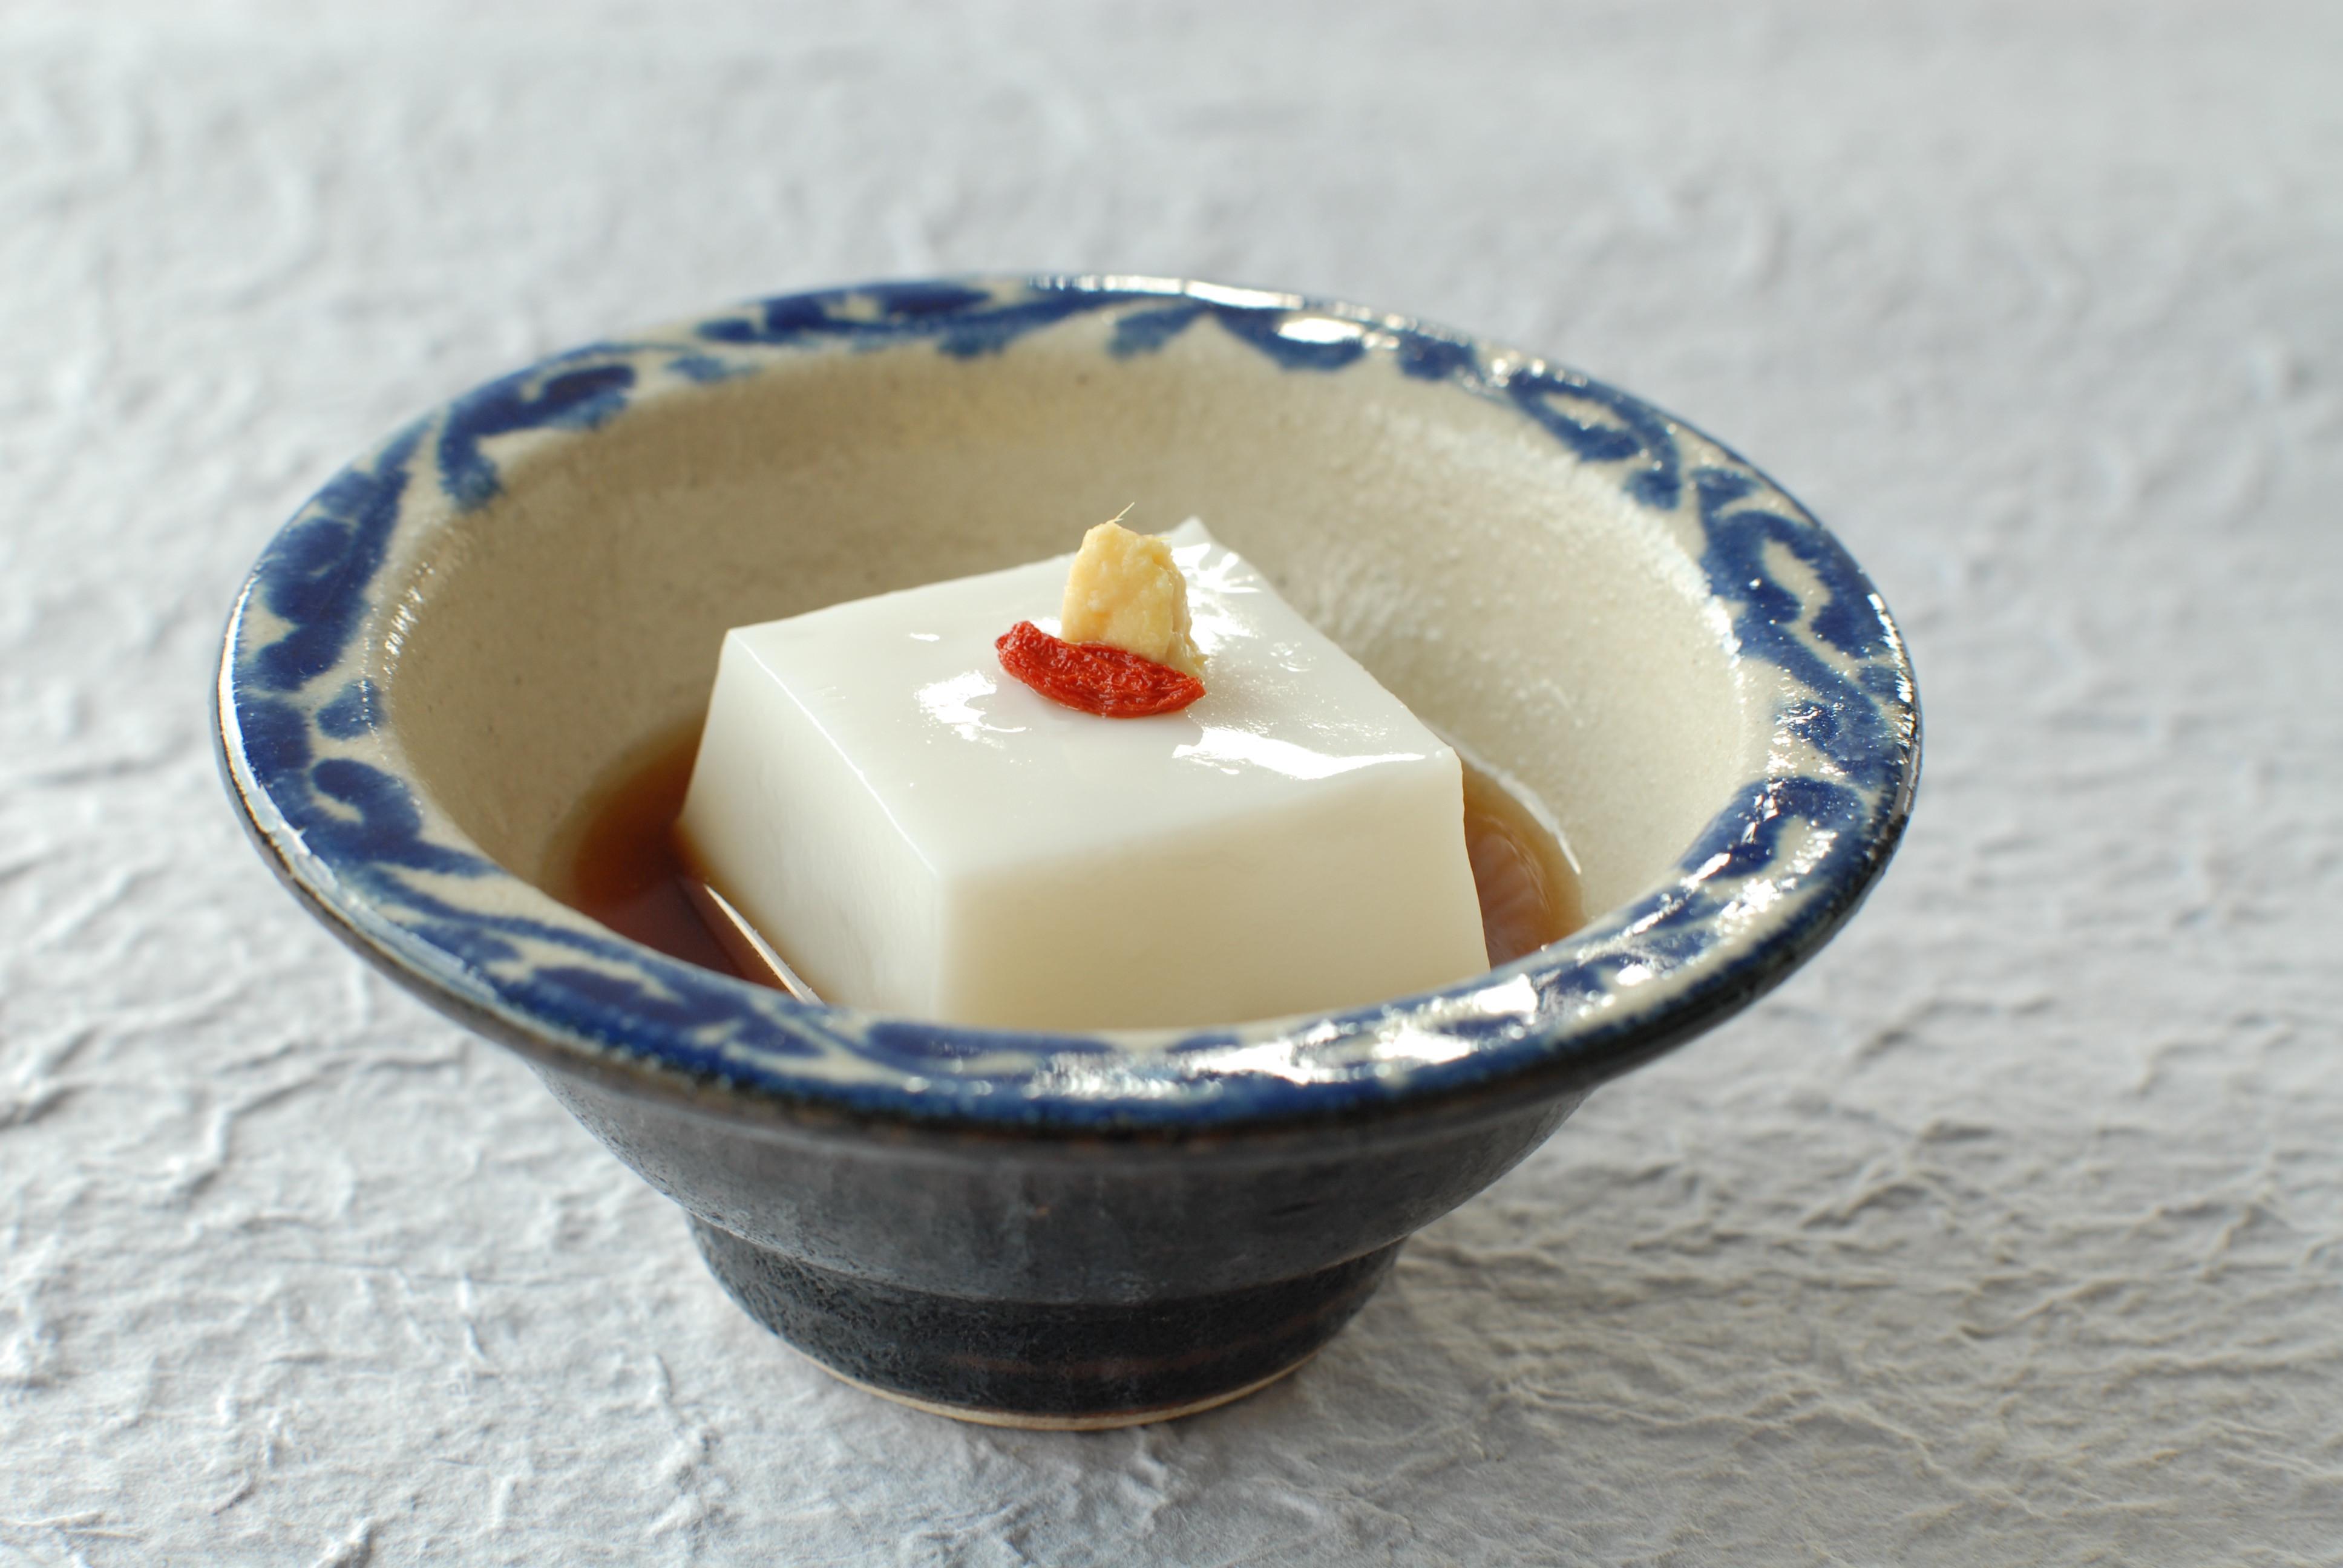 クイックコース A ・ジーマーミ豆腐(大人2名様以上)